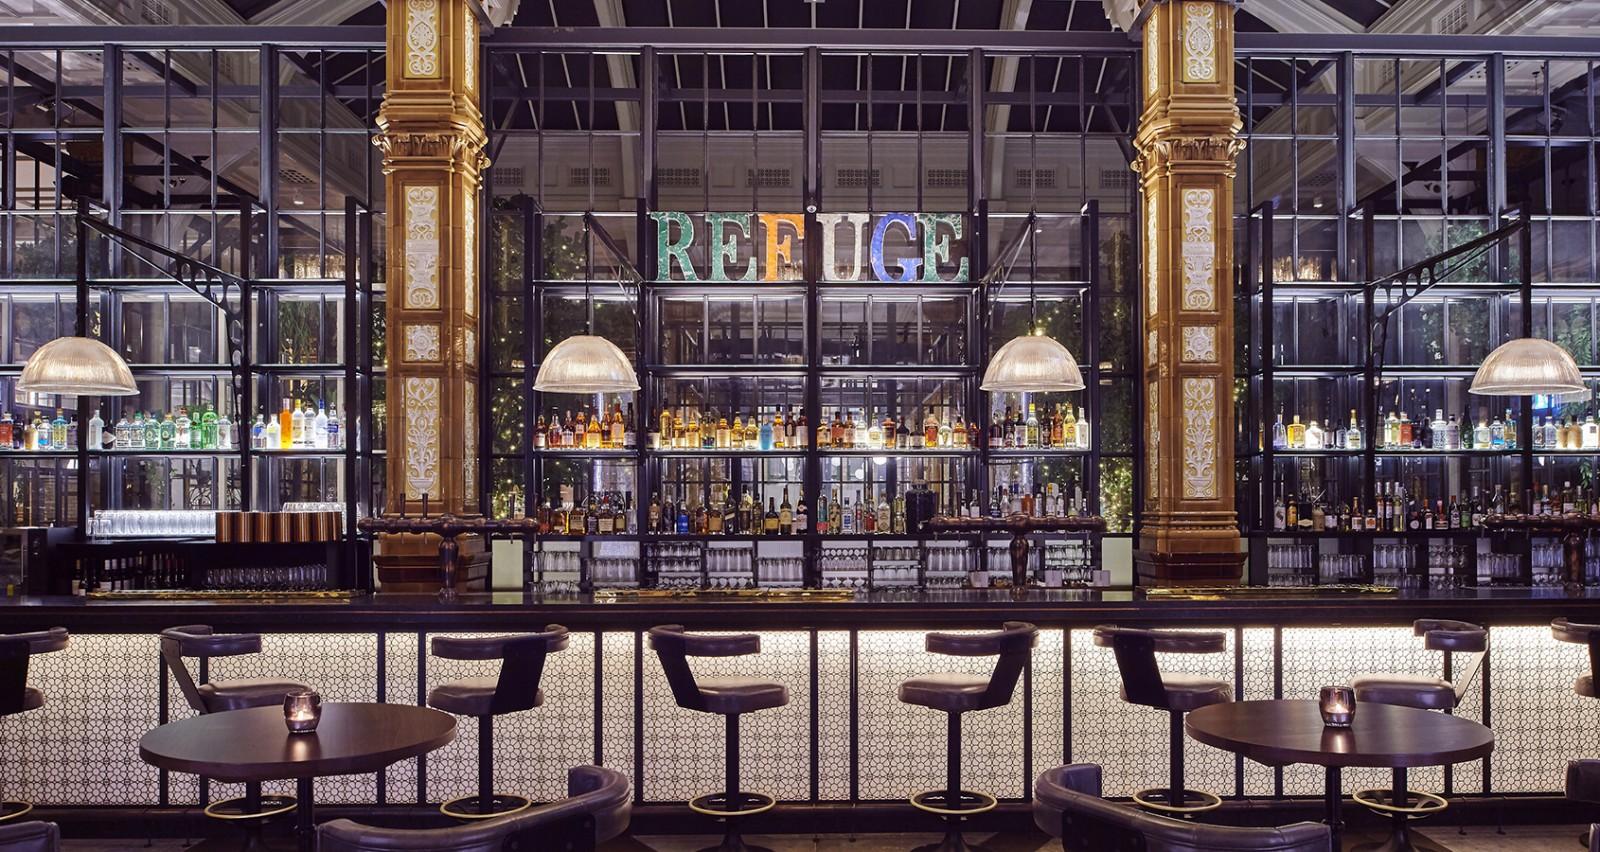 Refuge Public Bar